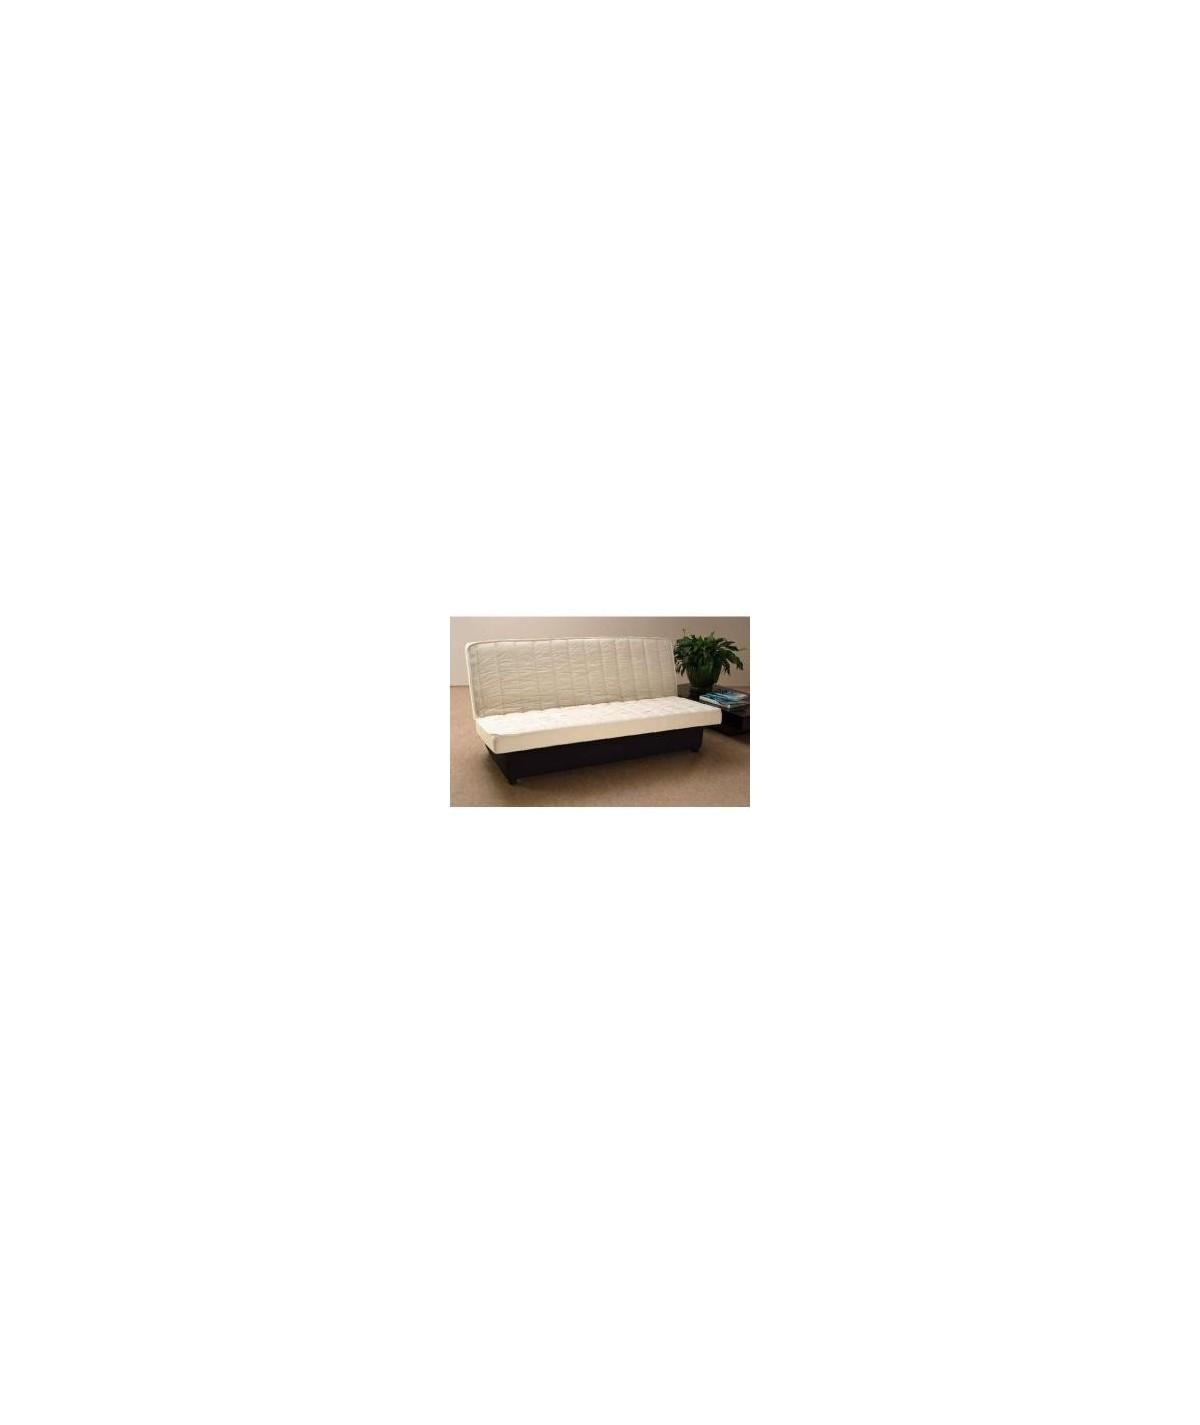 Matelas Clic Clac 15cm Ferme  Mousse Indéformable Tissu Renforcé + Protège Matelas + Oreiller Mémoire de Forme OFFERTS